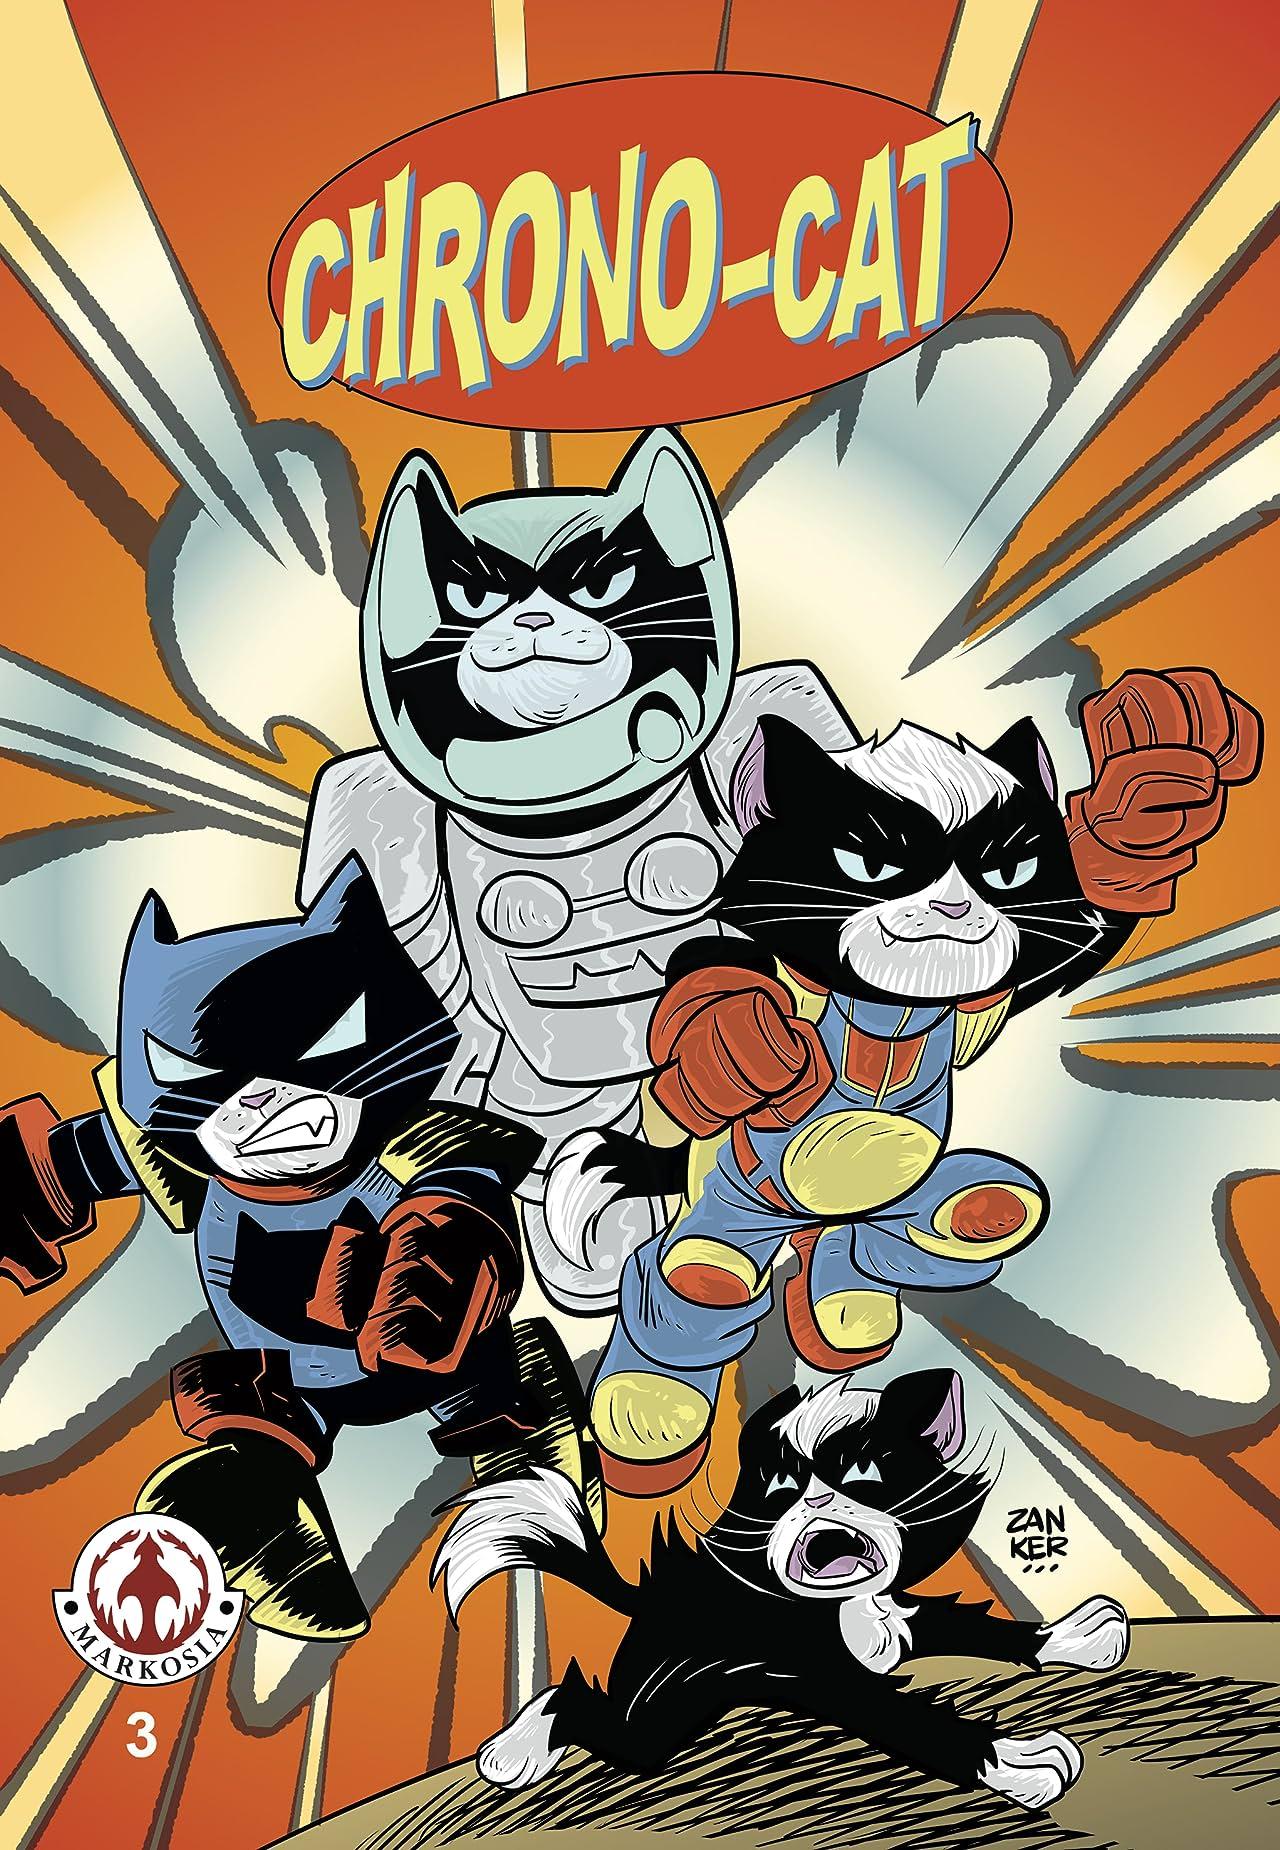 Chrono-Cat No.3